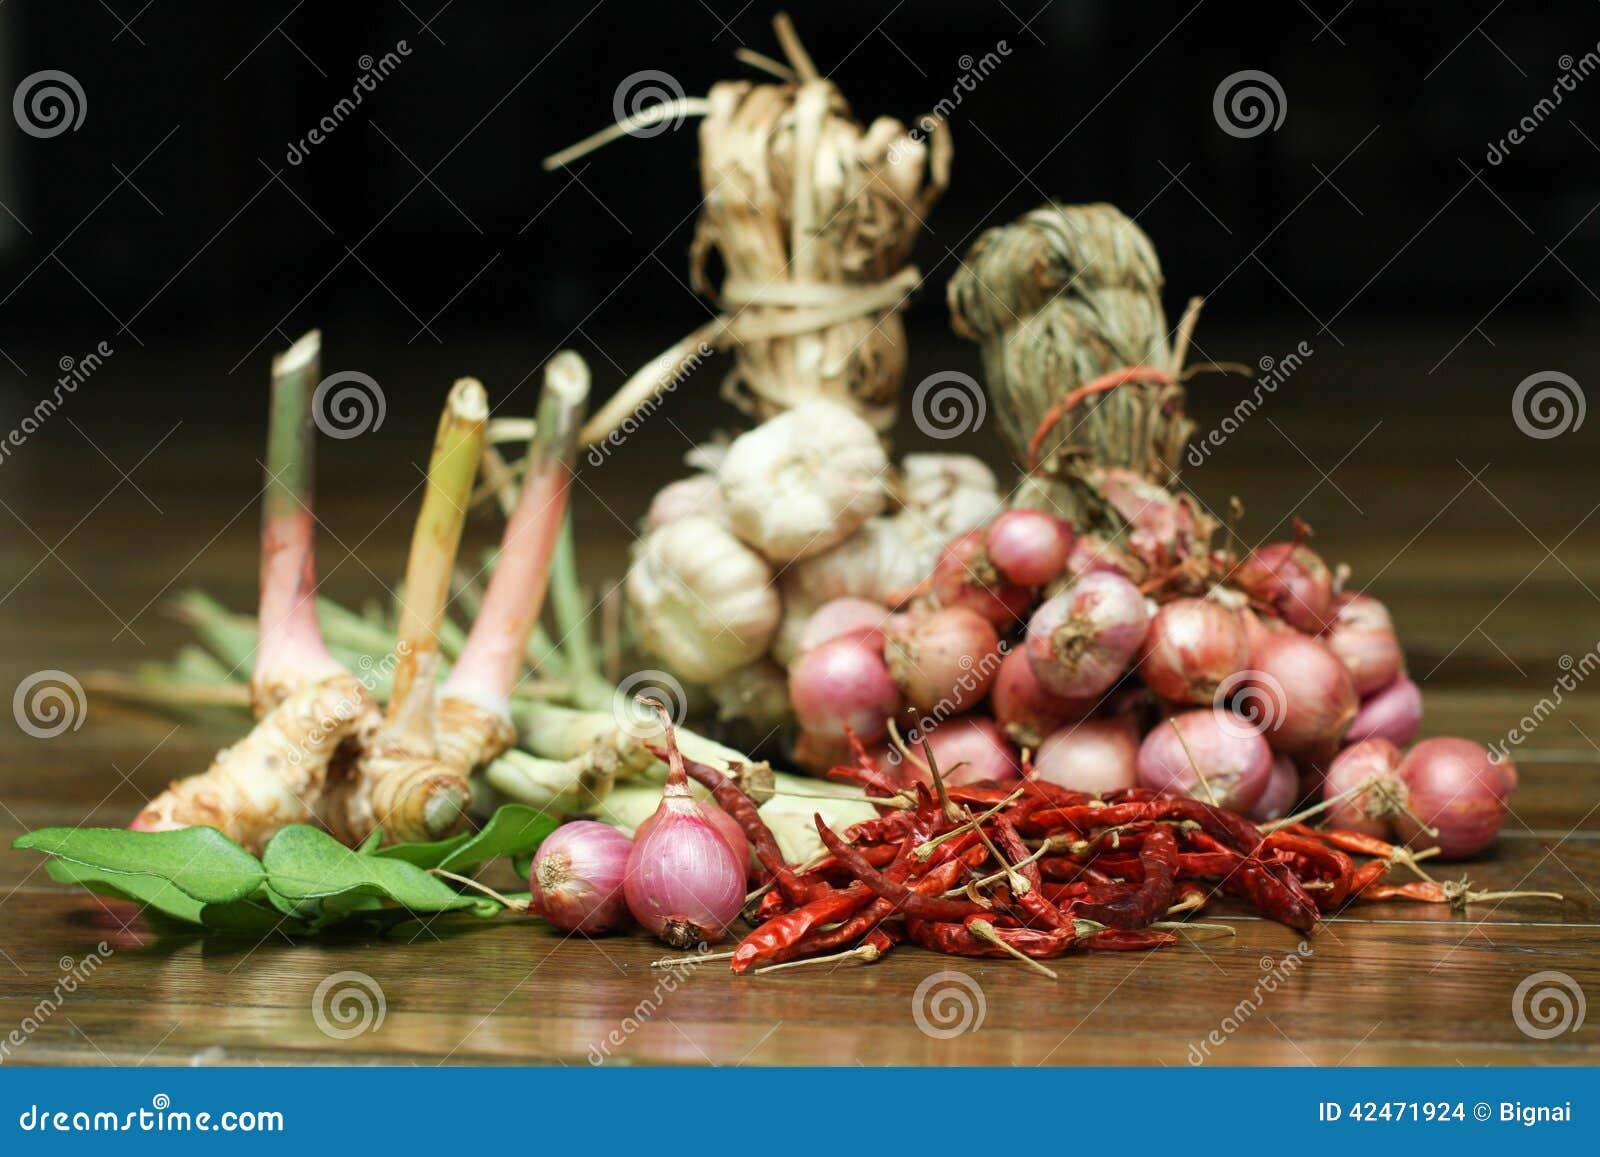 Thailändischer Curry Bestandteil